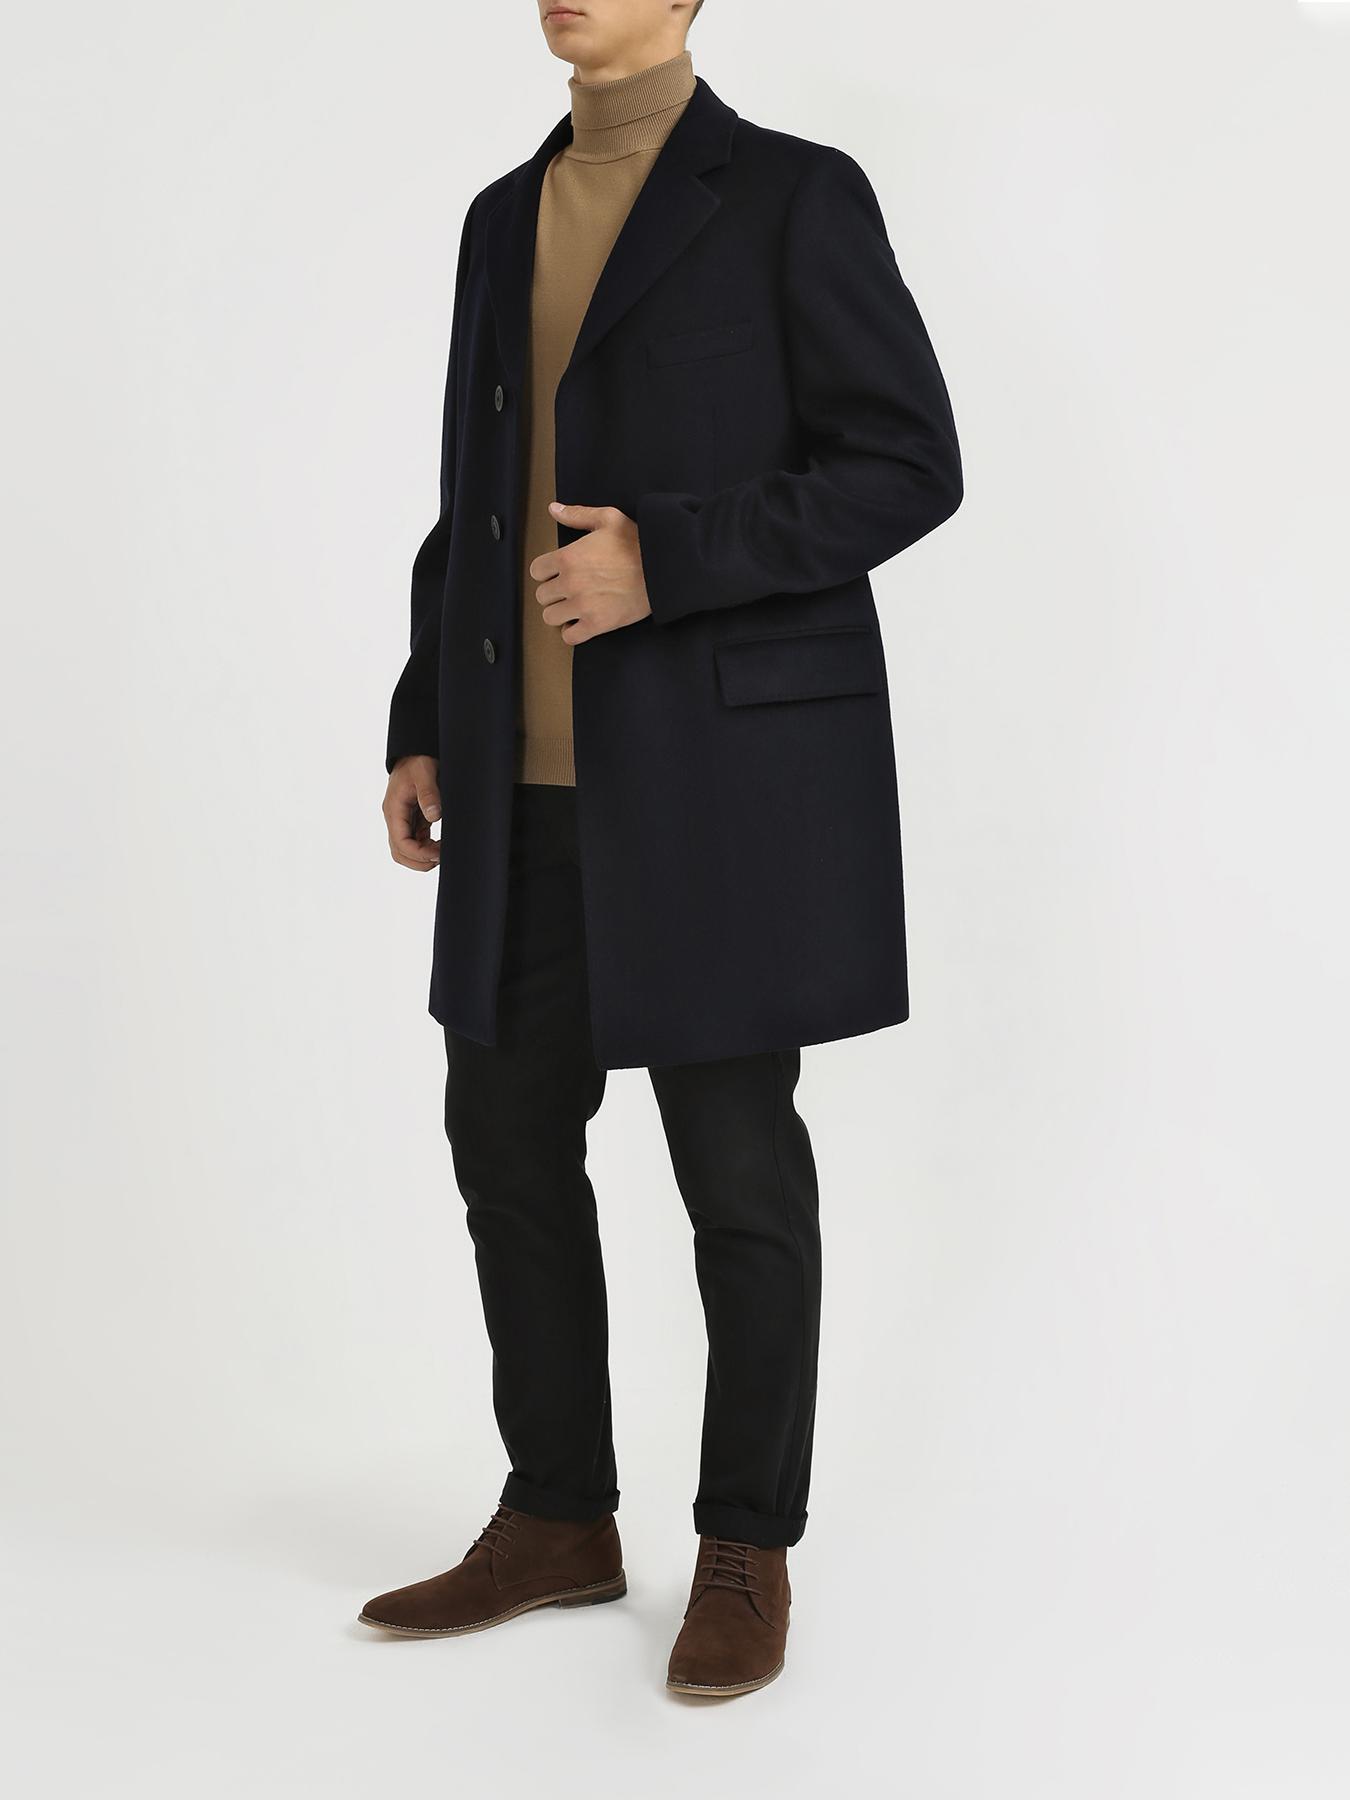 Пальто Alessandro Manzoni Классическое пальто пальто alessandro manzoni мужское пальто